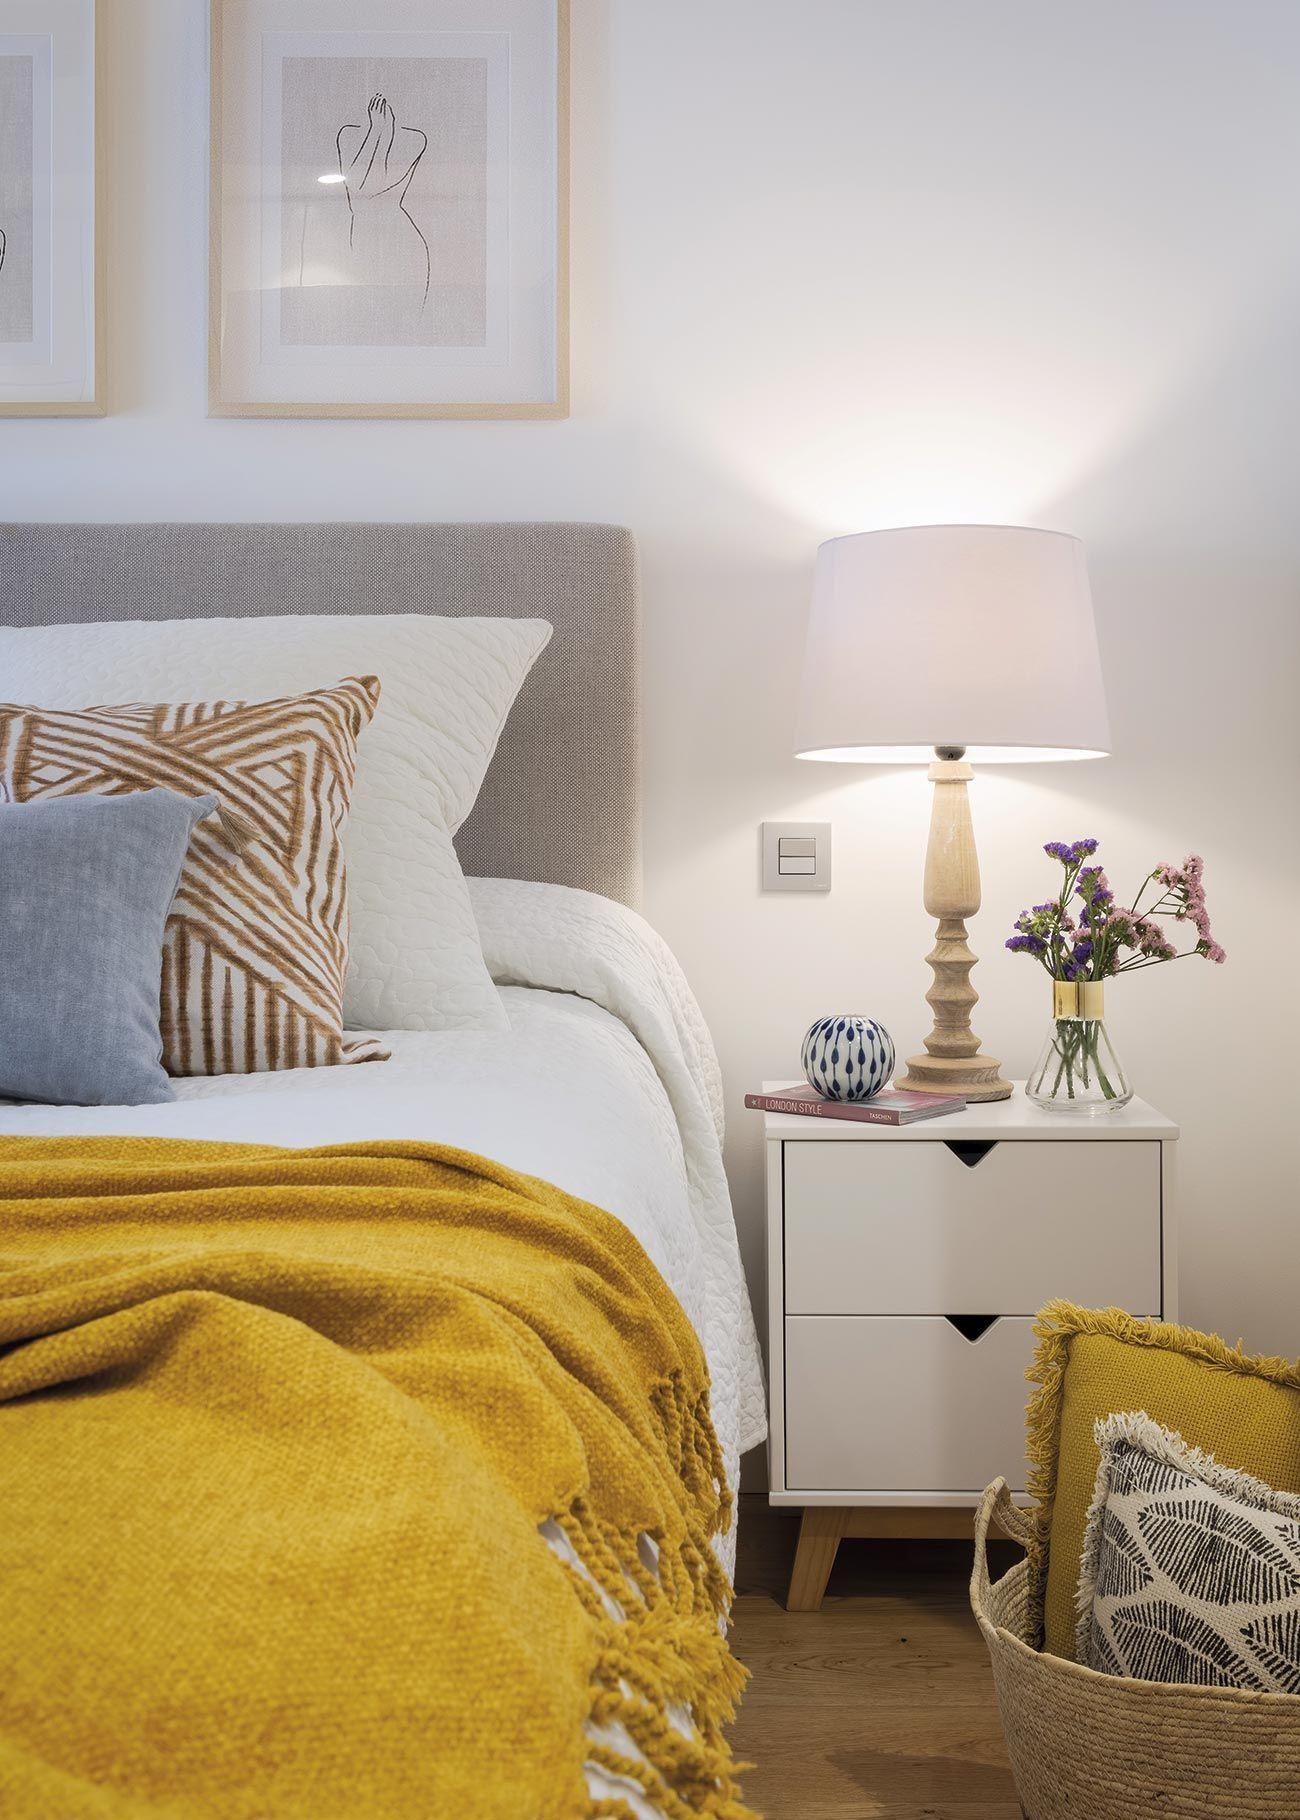 استفاده از دکوریجات زرد در اتاق خواب